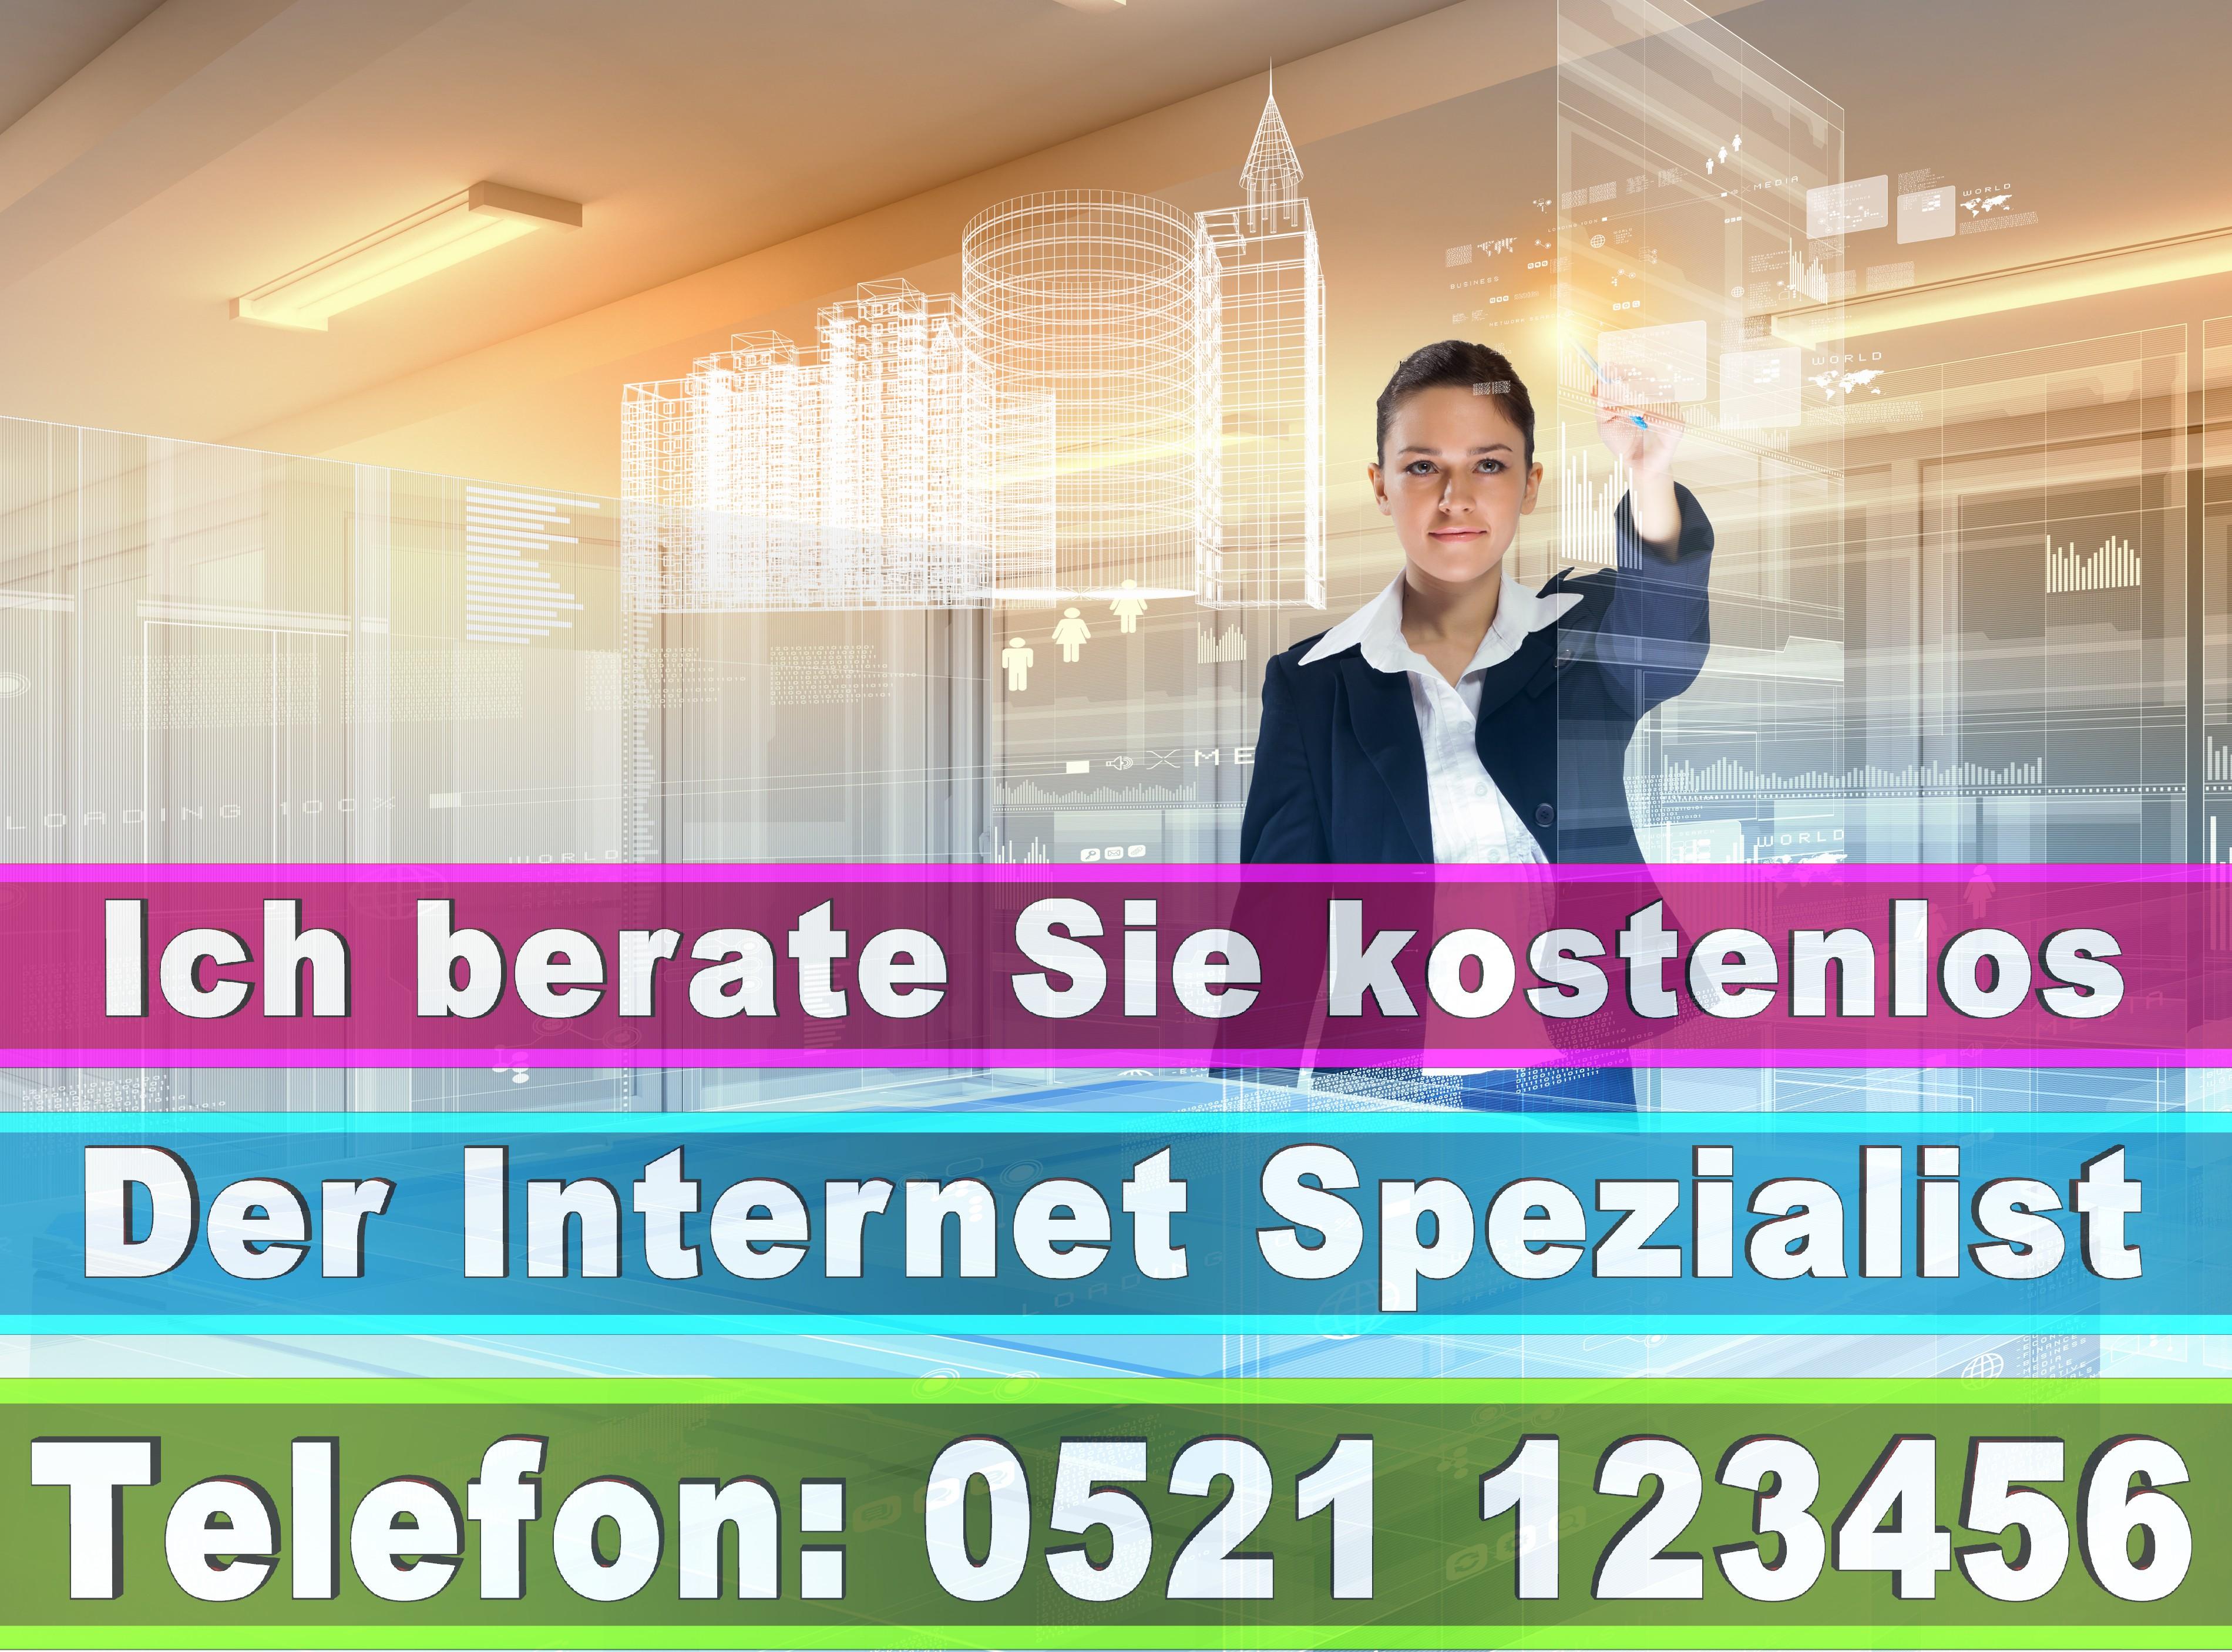 Rechtsanwalt Bielefeld Gütersloh Detmold Paderborn Münster Osnabrück Dortmund Essen Düsseldorf Köln Berlin Hamburg (15)